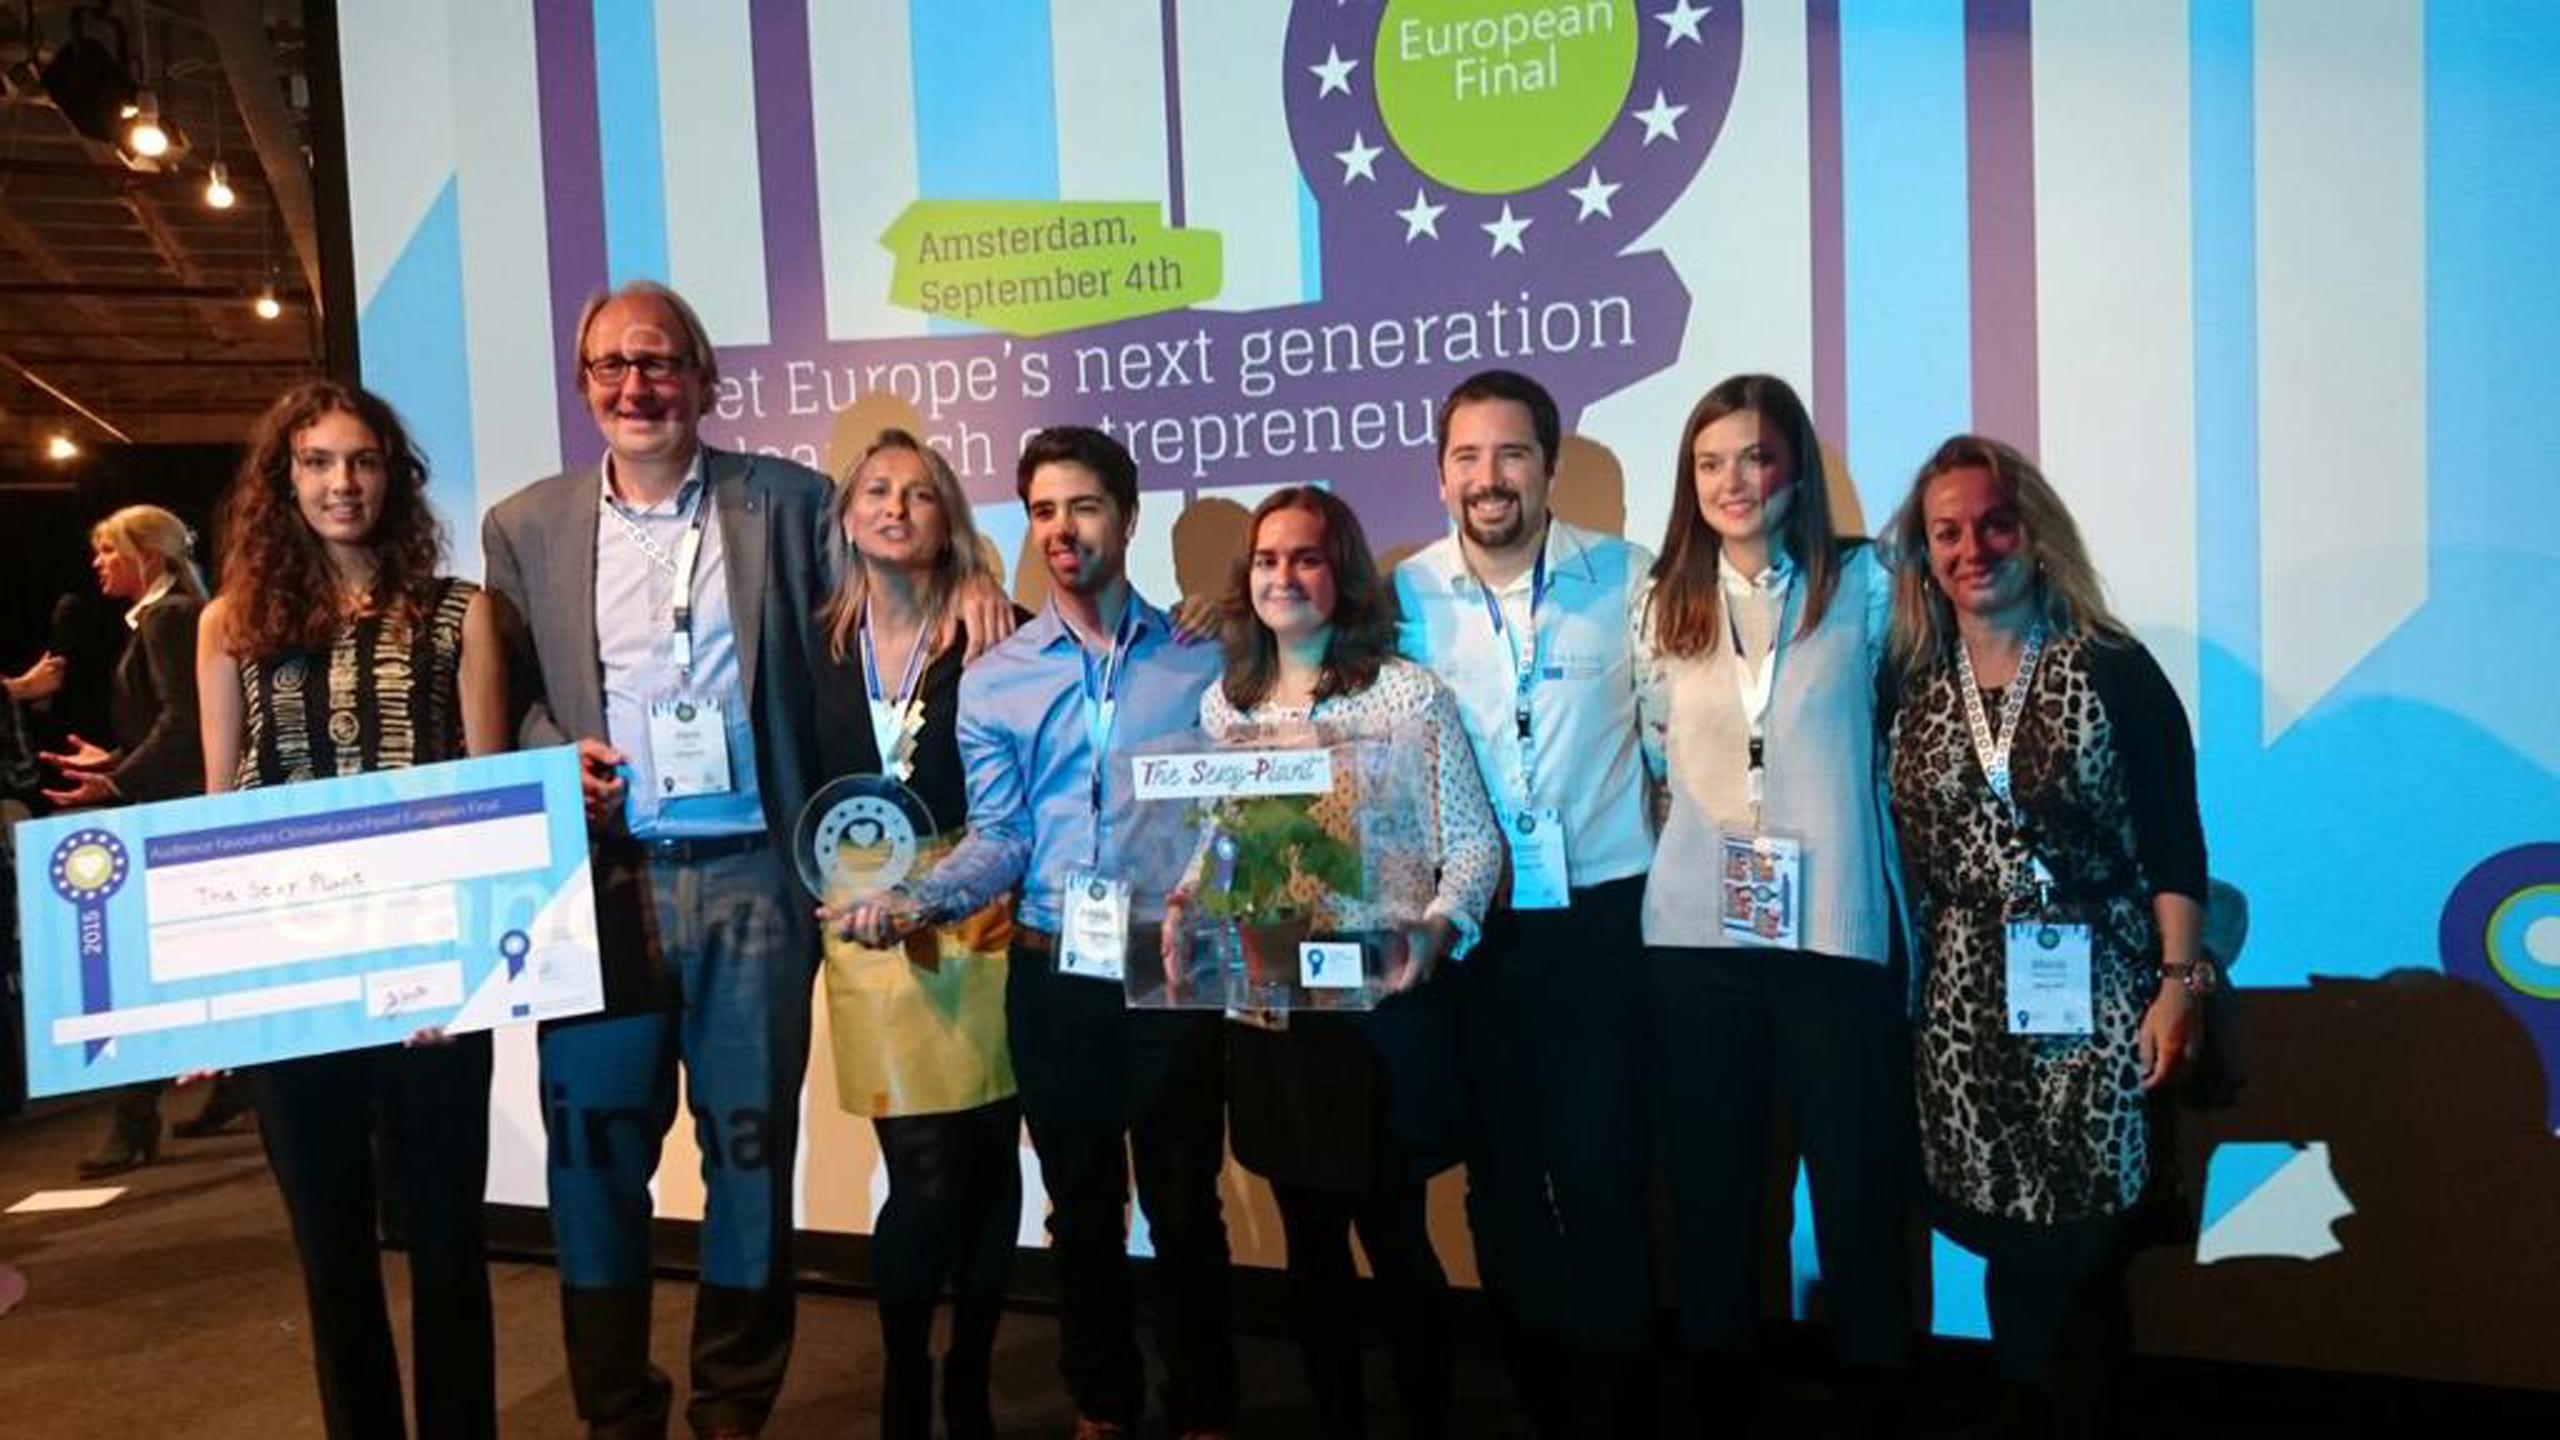 El equipo de 'The sexy plant', con la iniciativa que ha recibido el reconocimiento europeo